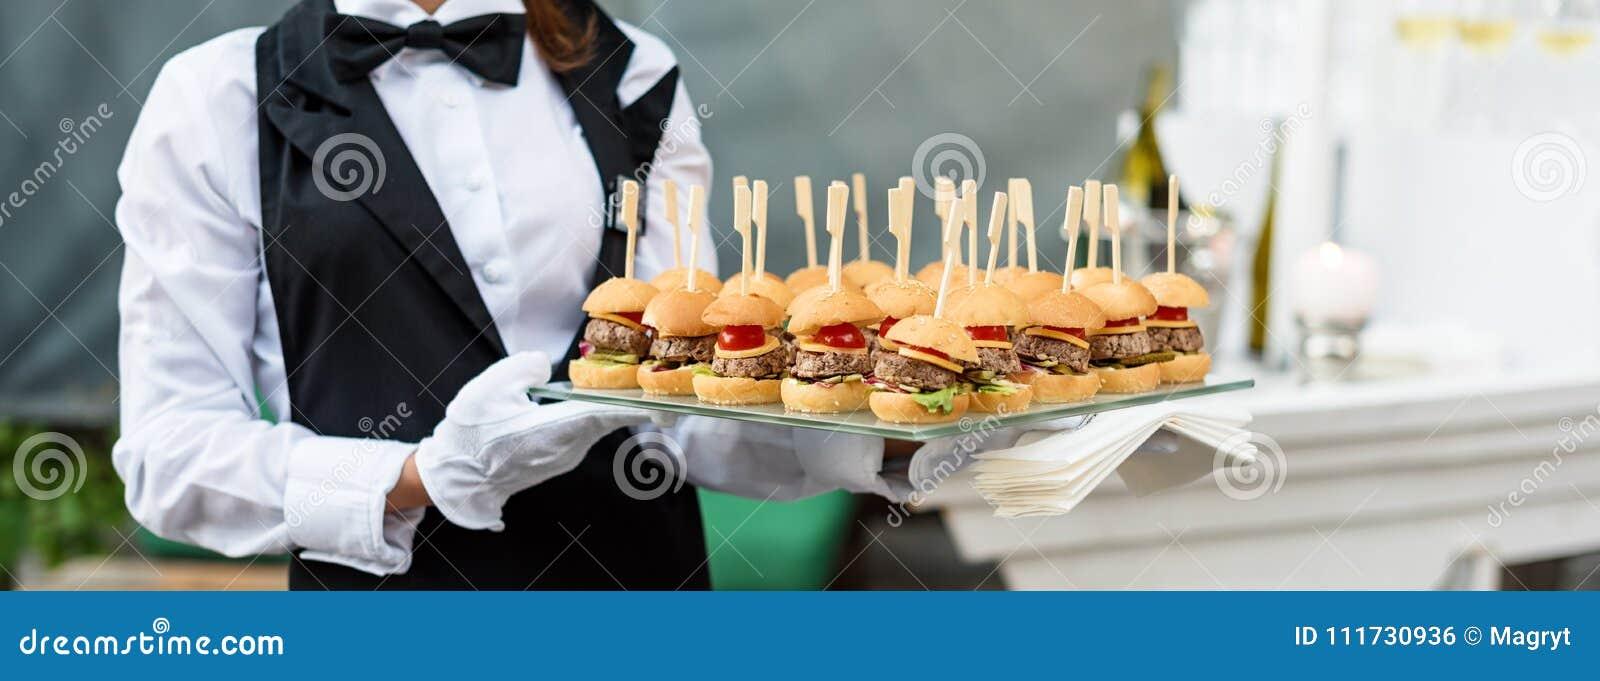 Servizio di approvvigionamento Cameriere che porta un vassoio di aperitivi Partito all aperto con cibo da mangiare con le mani, m